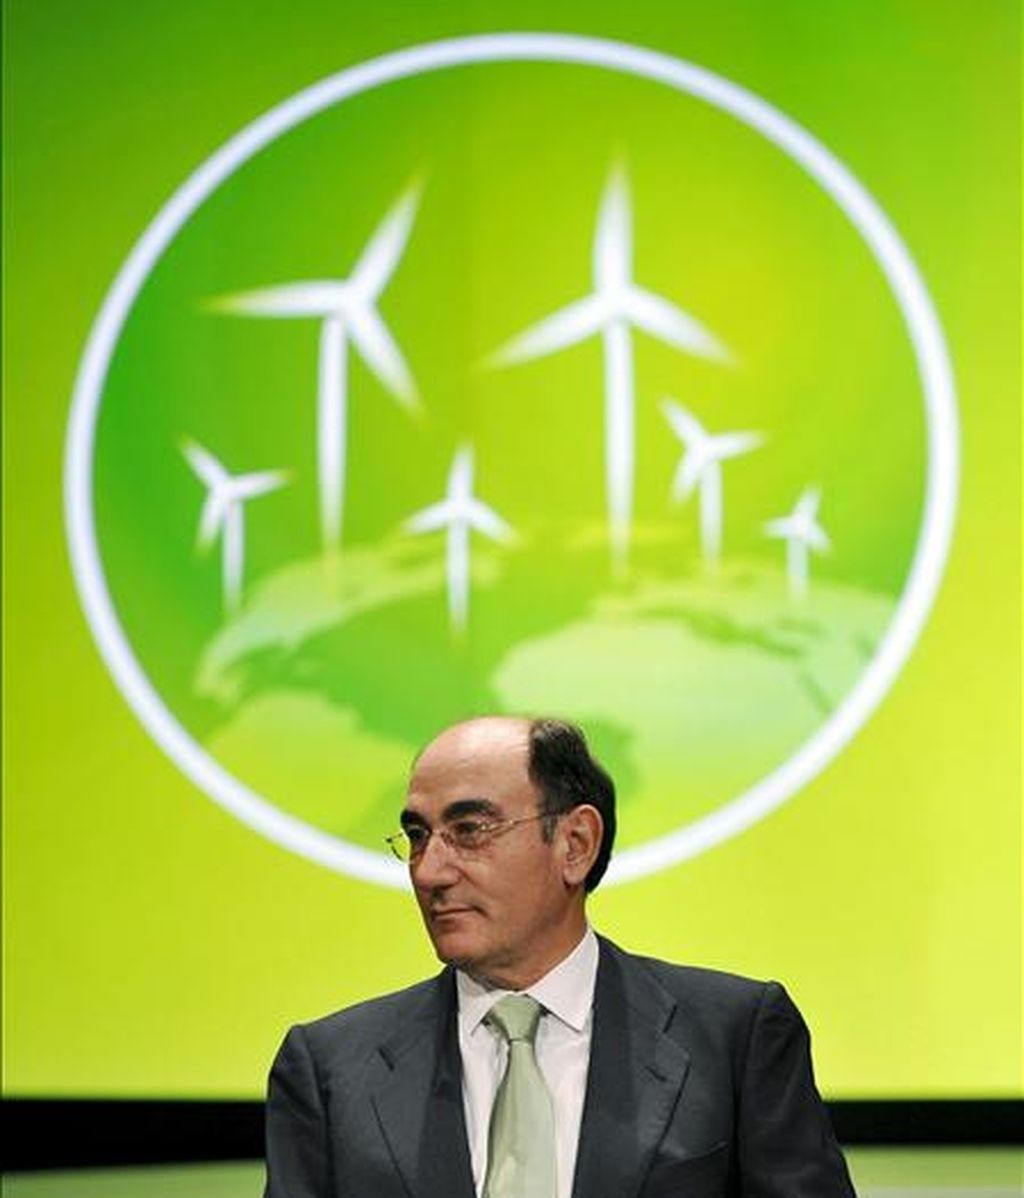 El presidente de Iberdrola Renovables, Ignacio Sánchez Galán. EFE/Archivo